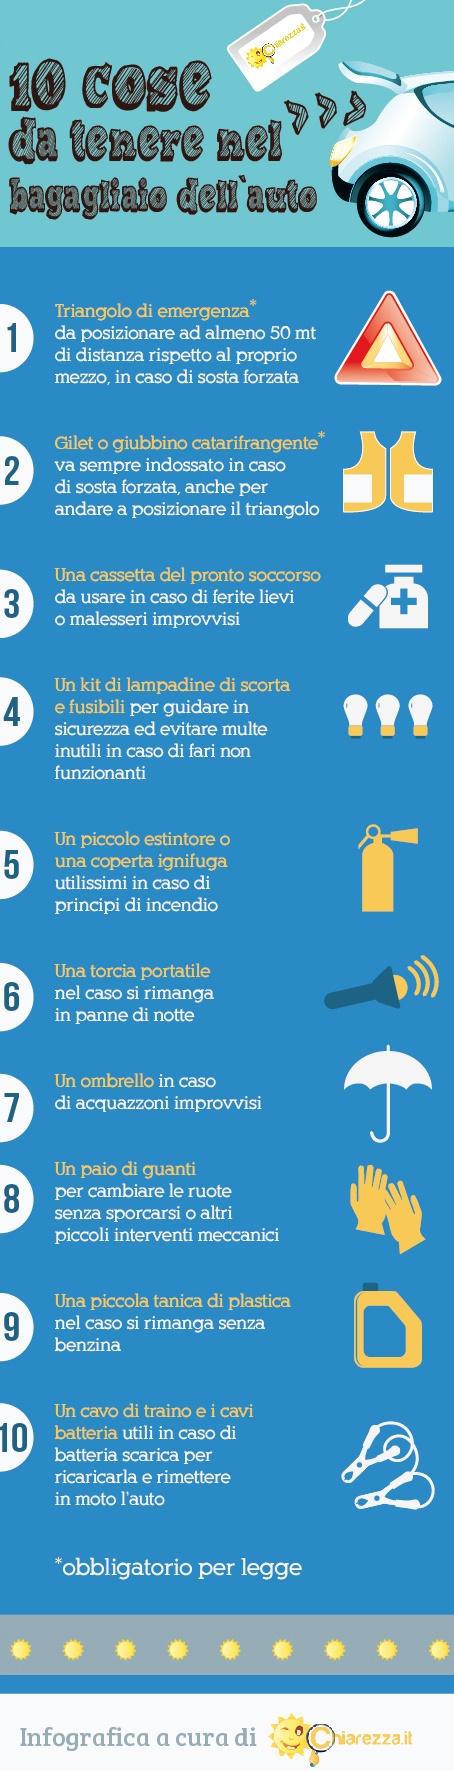 10 cose essenziali da tenere nel bagagliaio dell'auto. http://blog.chiarezza.it/10-cose-da-tenere-nel-bagagliaio-dellauto-infografica/